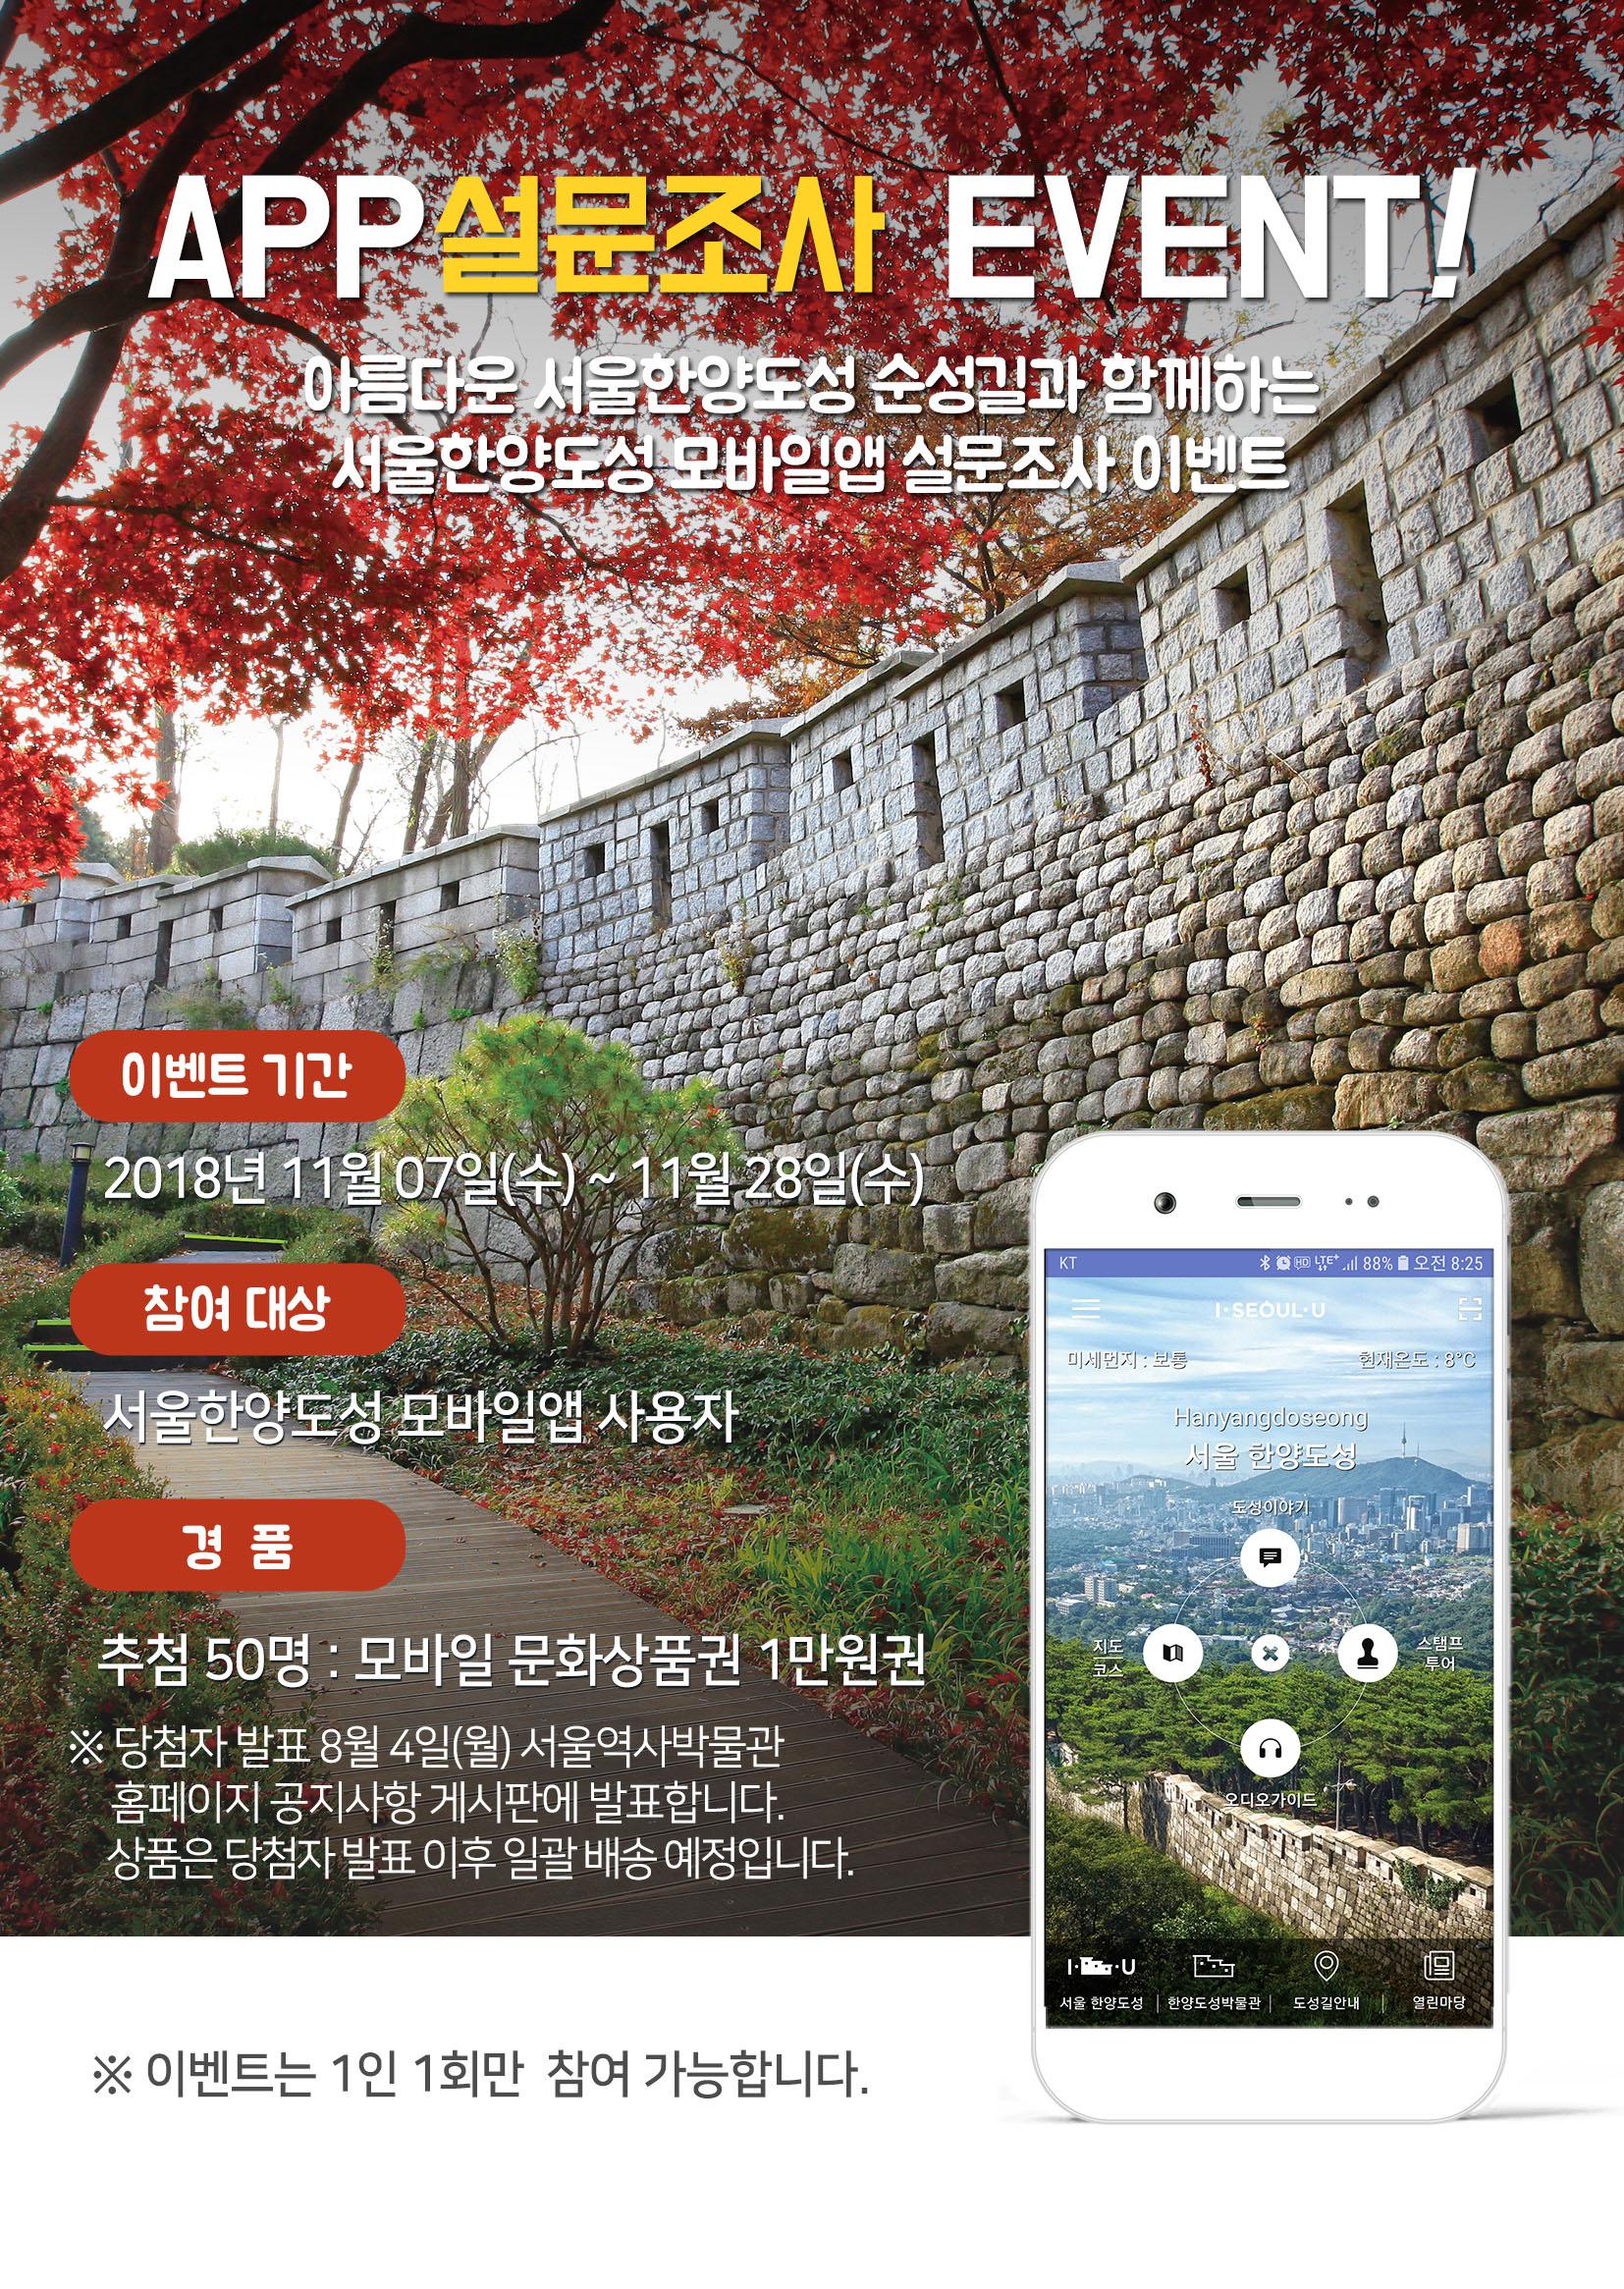 [이벤트]서울 한양도성 모바일앱 만족도 조사